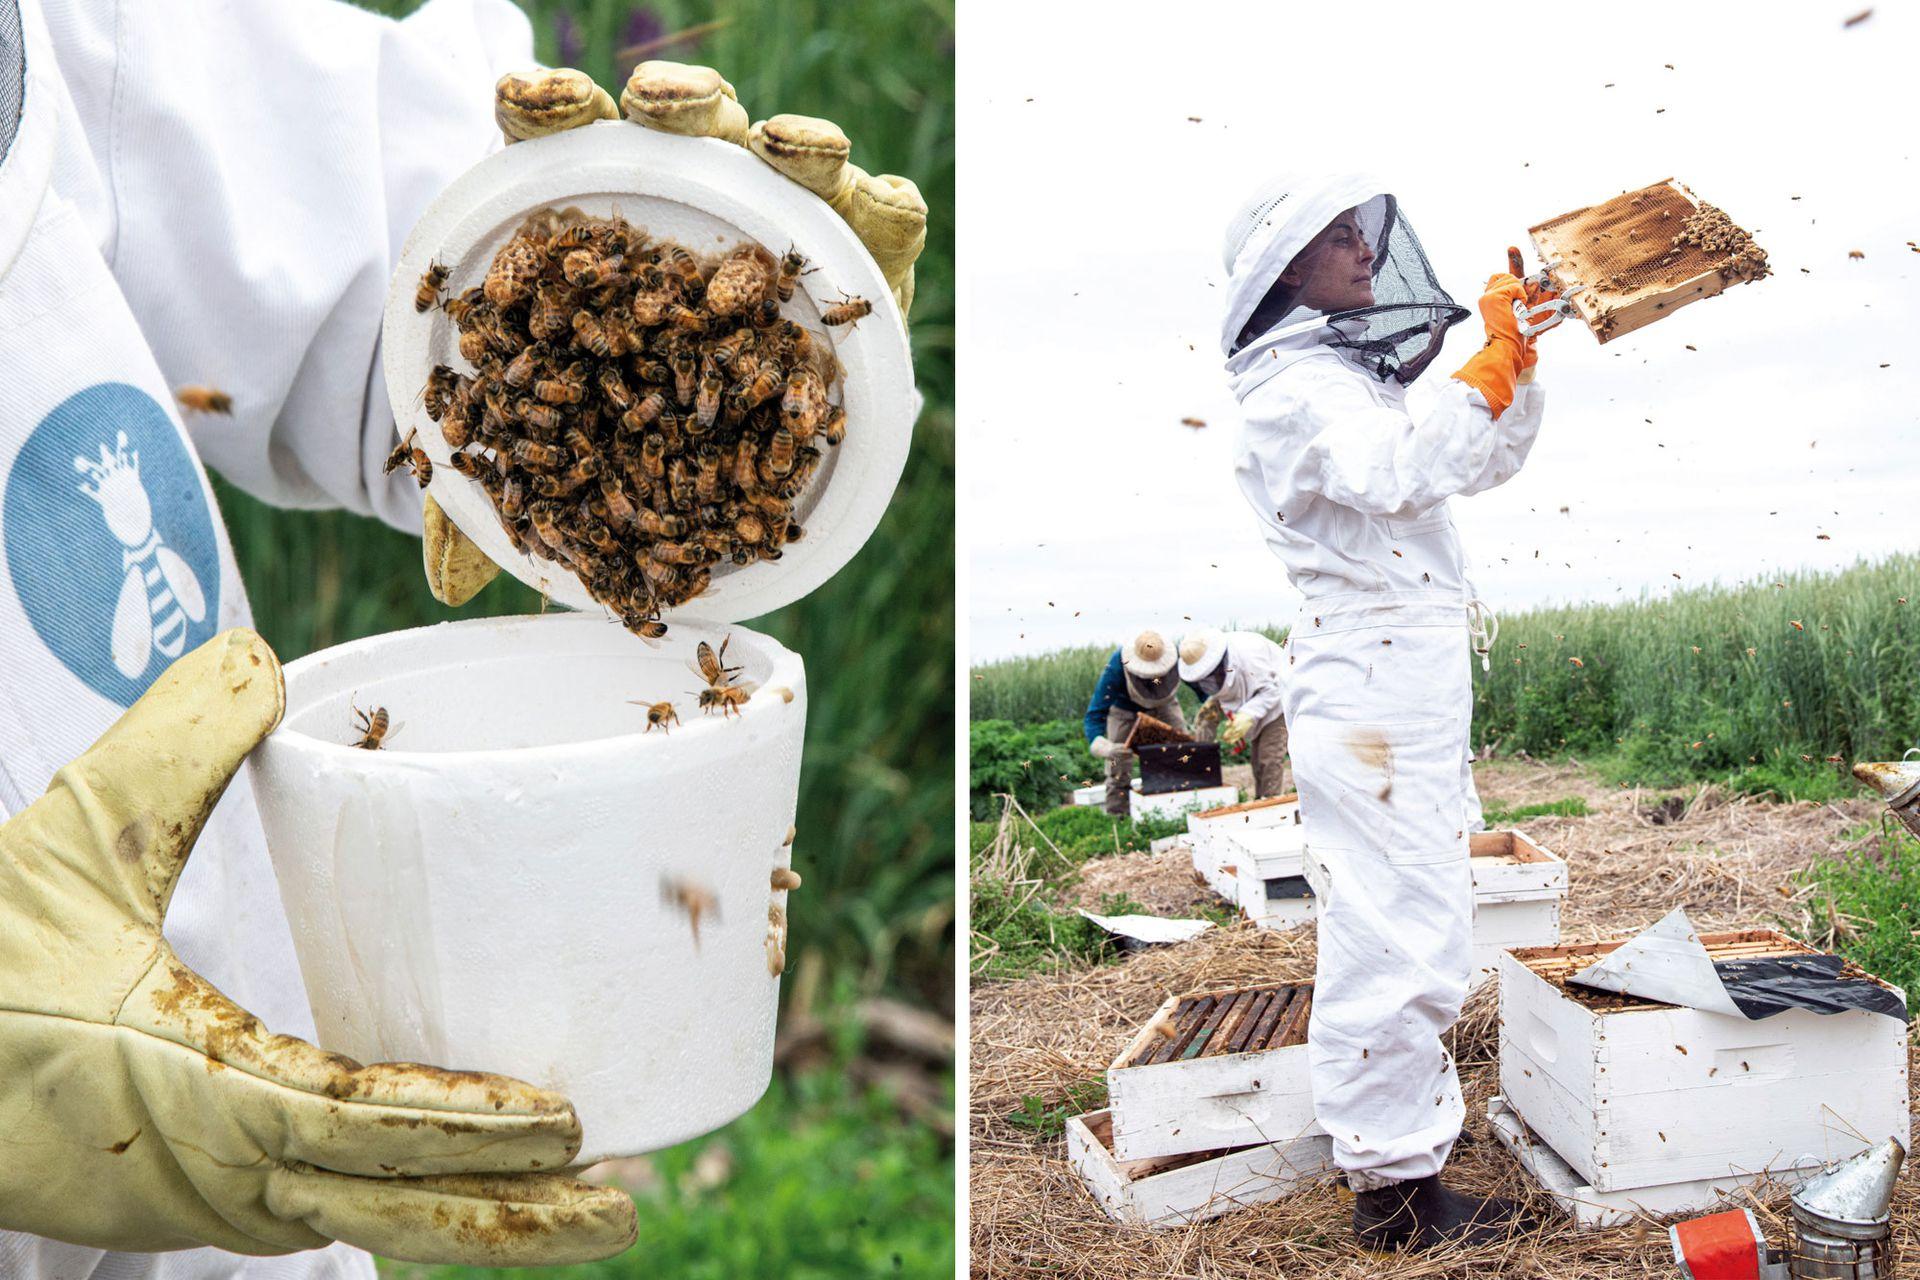 Izquierda: El grupo Reinas formó también un criadero de abejas reinas y celdas reales. Derecha: María Casquero, apicultora que forma parte del grupo Reinas Pehuajó.